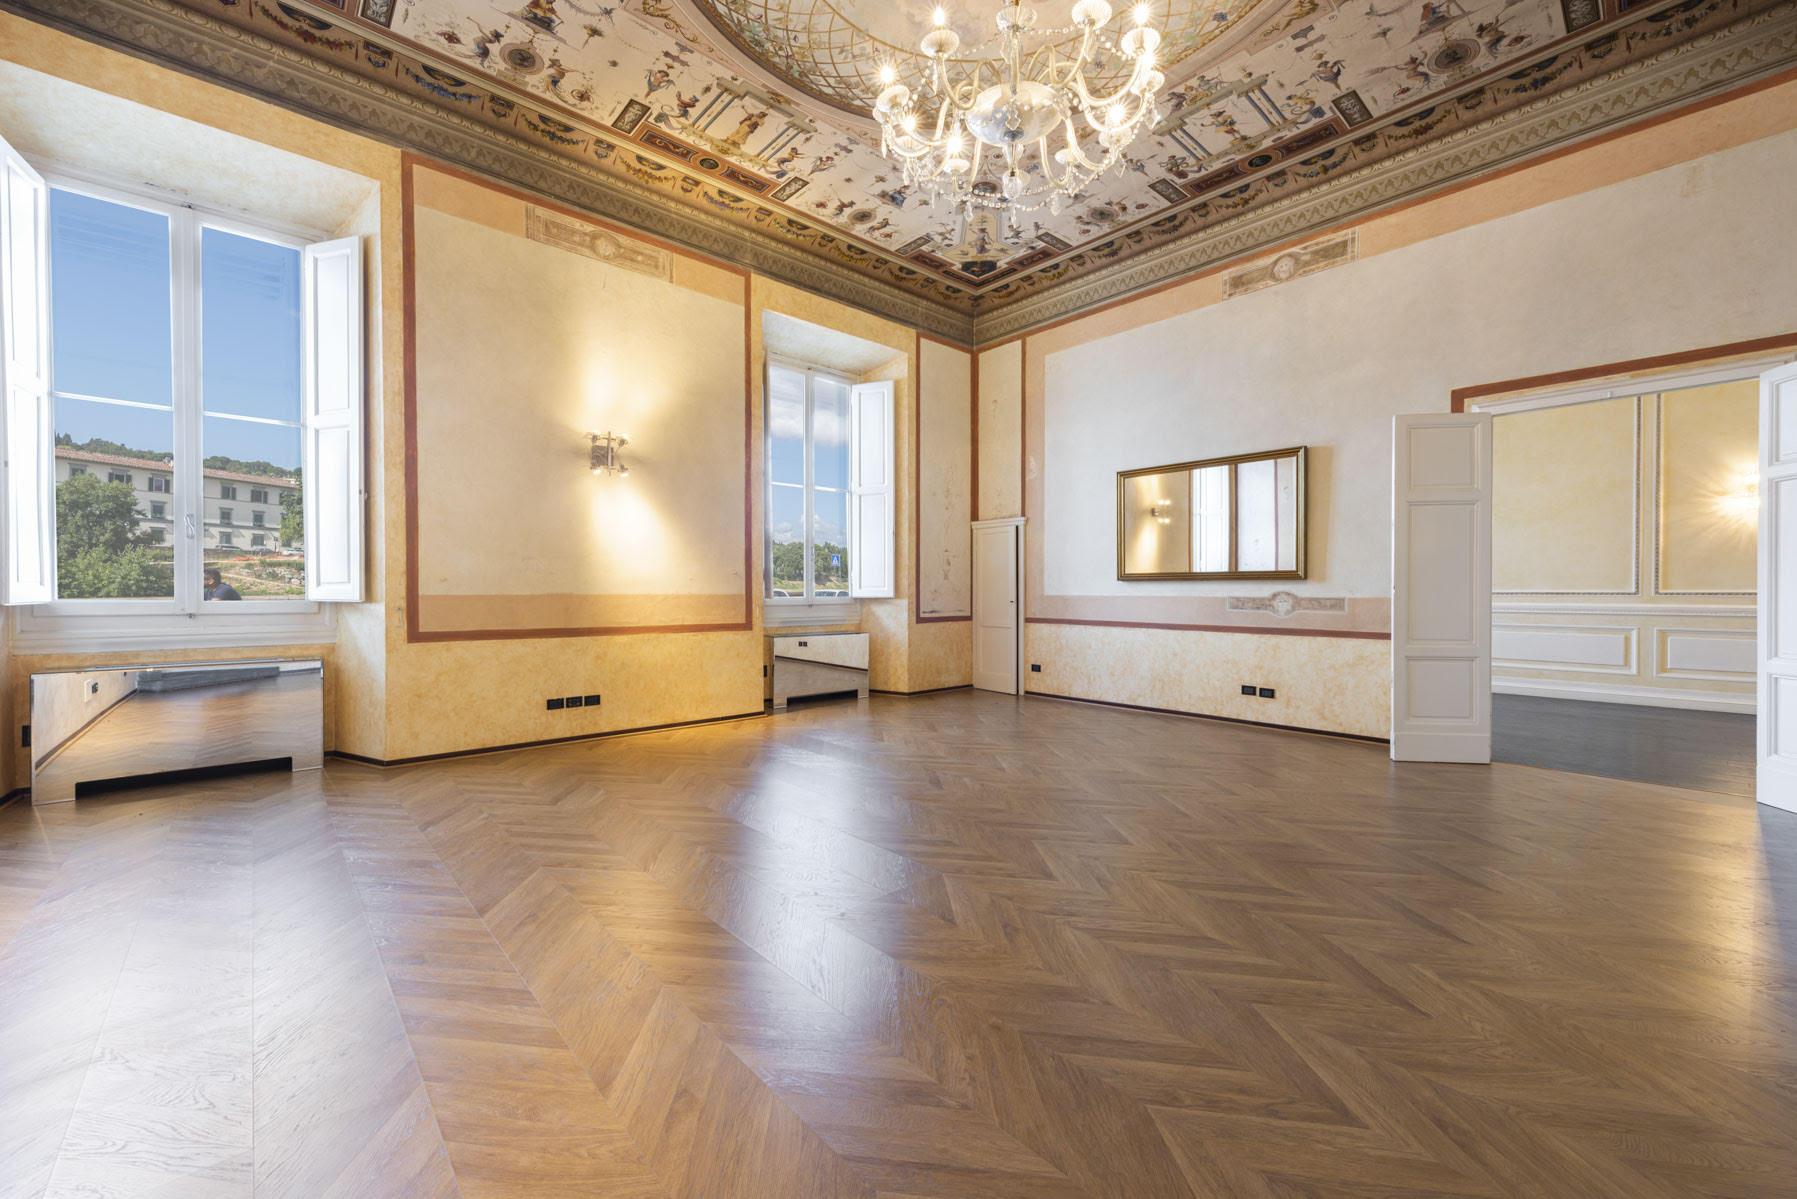 Appartamento Affrescato<br> in Lungarno Vespucci